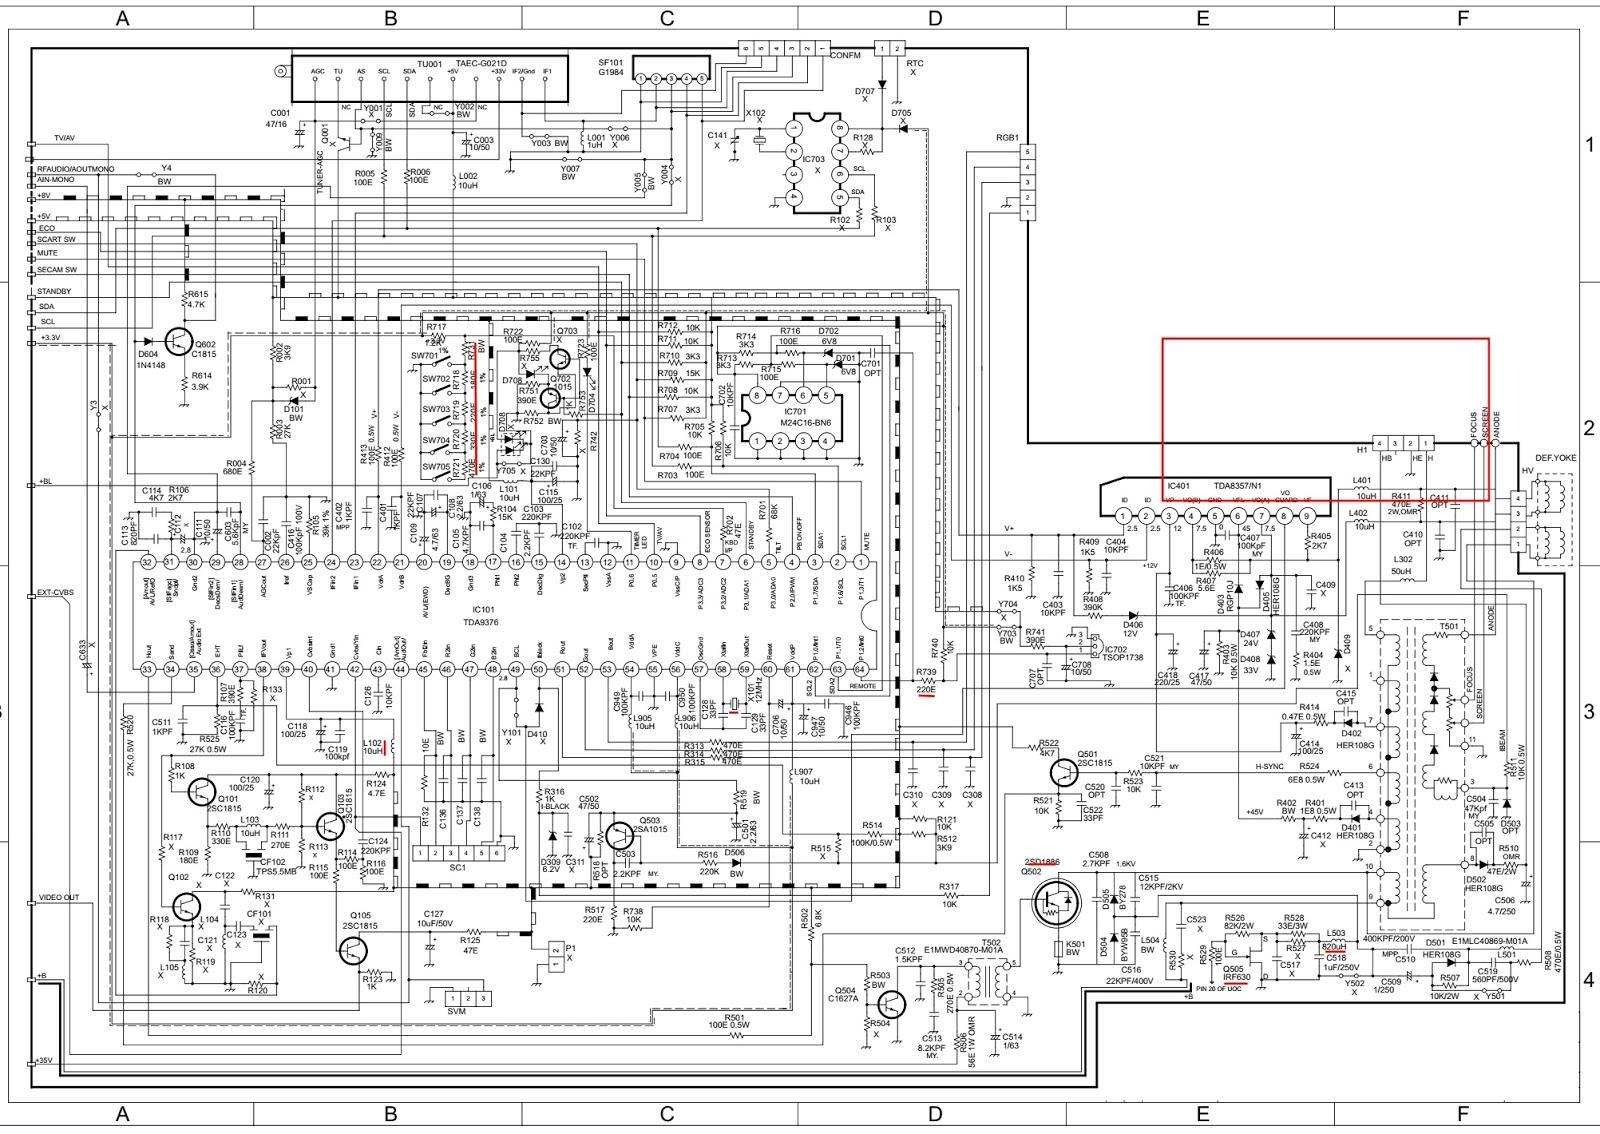 3 tv wiring diagram yb 0297  tv circuit  yb 0297  tv circuit